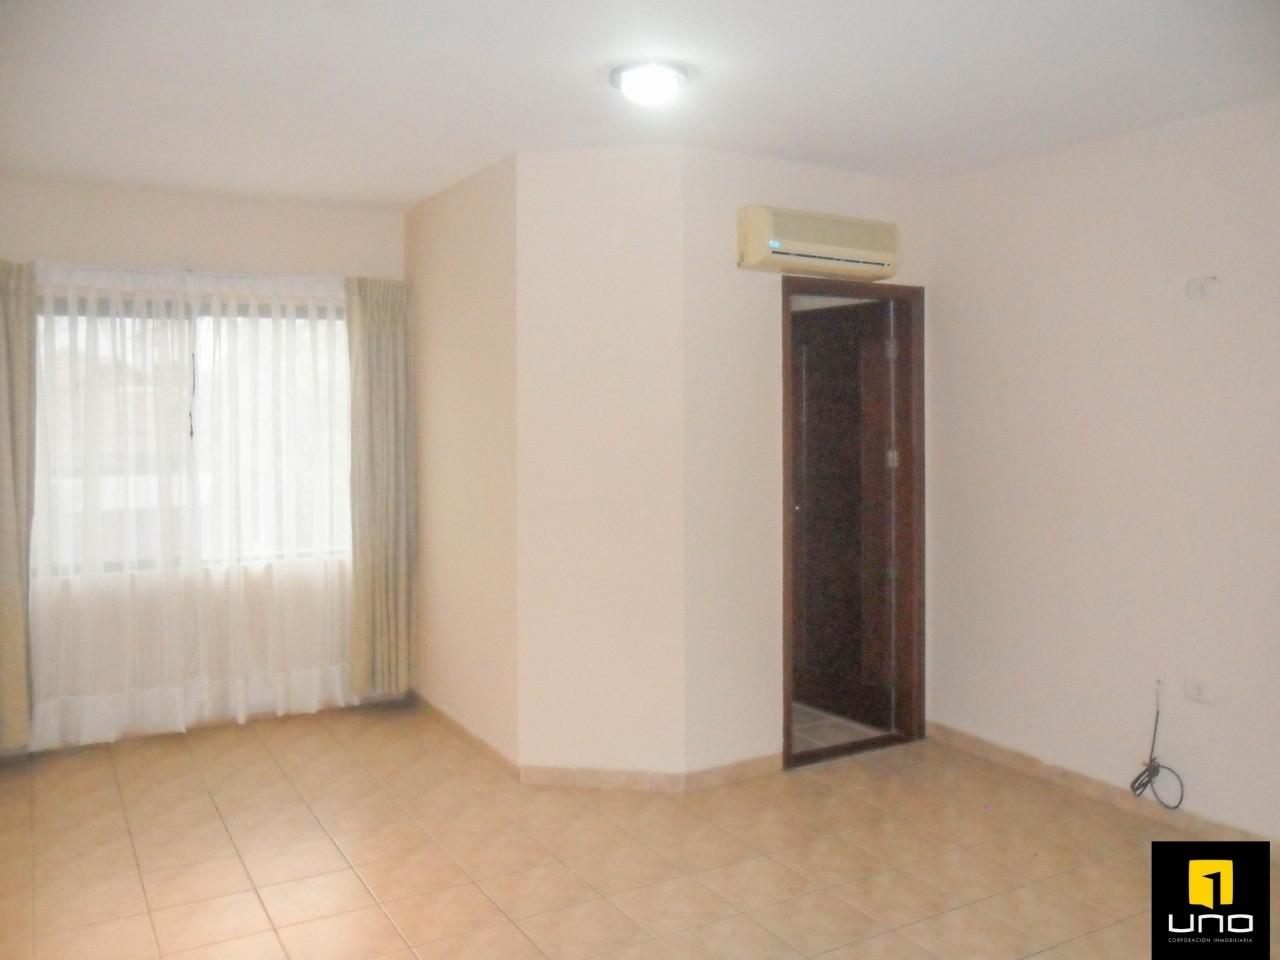 Casa en Alquiler ZONA OESTE, BARRIO LAS PALMAS Foto 4